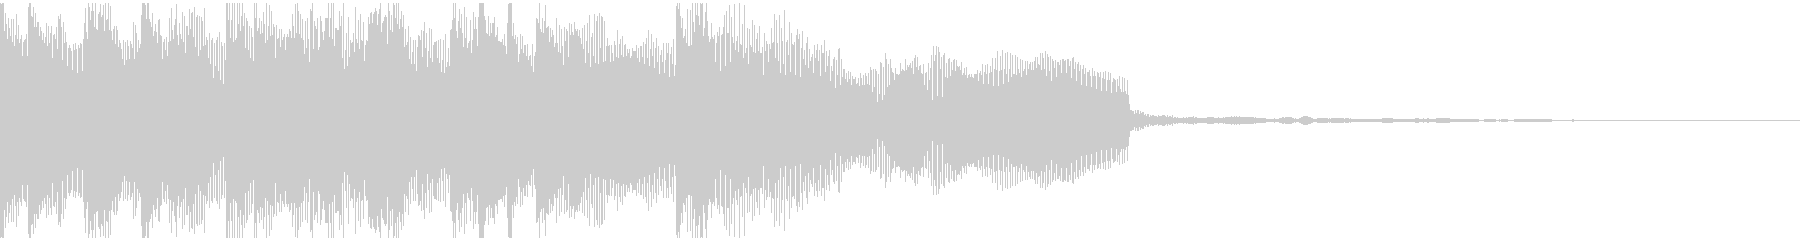 起動音や気品のあるロゴ向けの未再生の波形